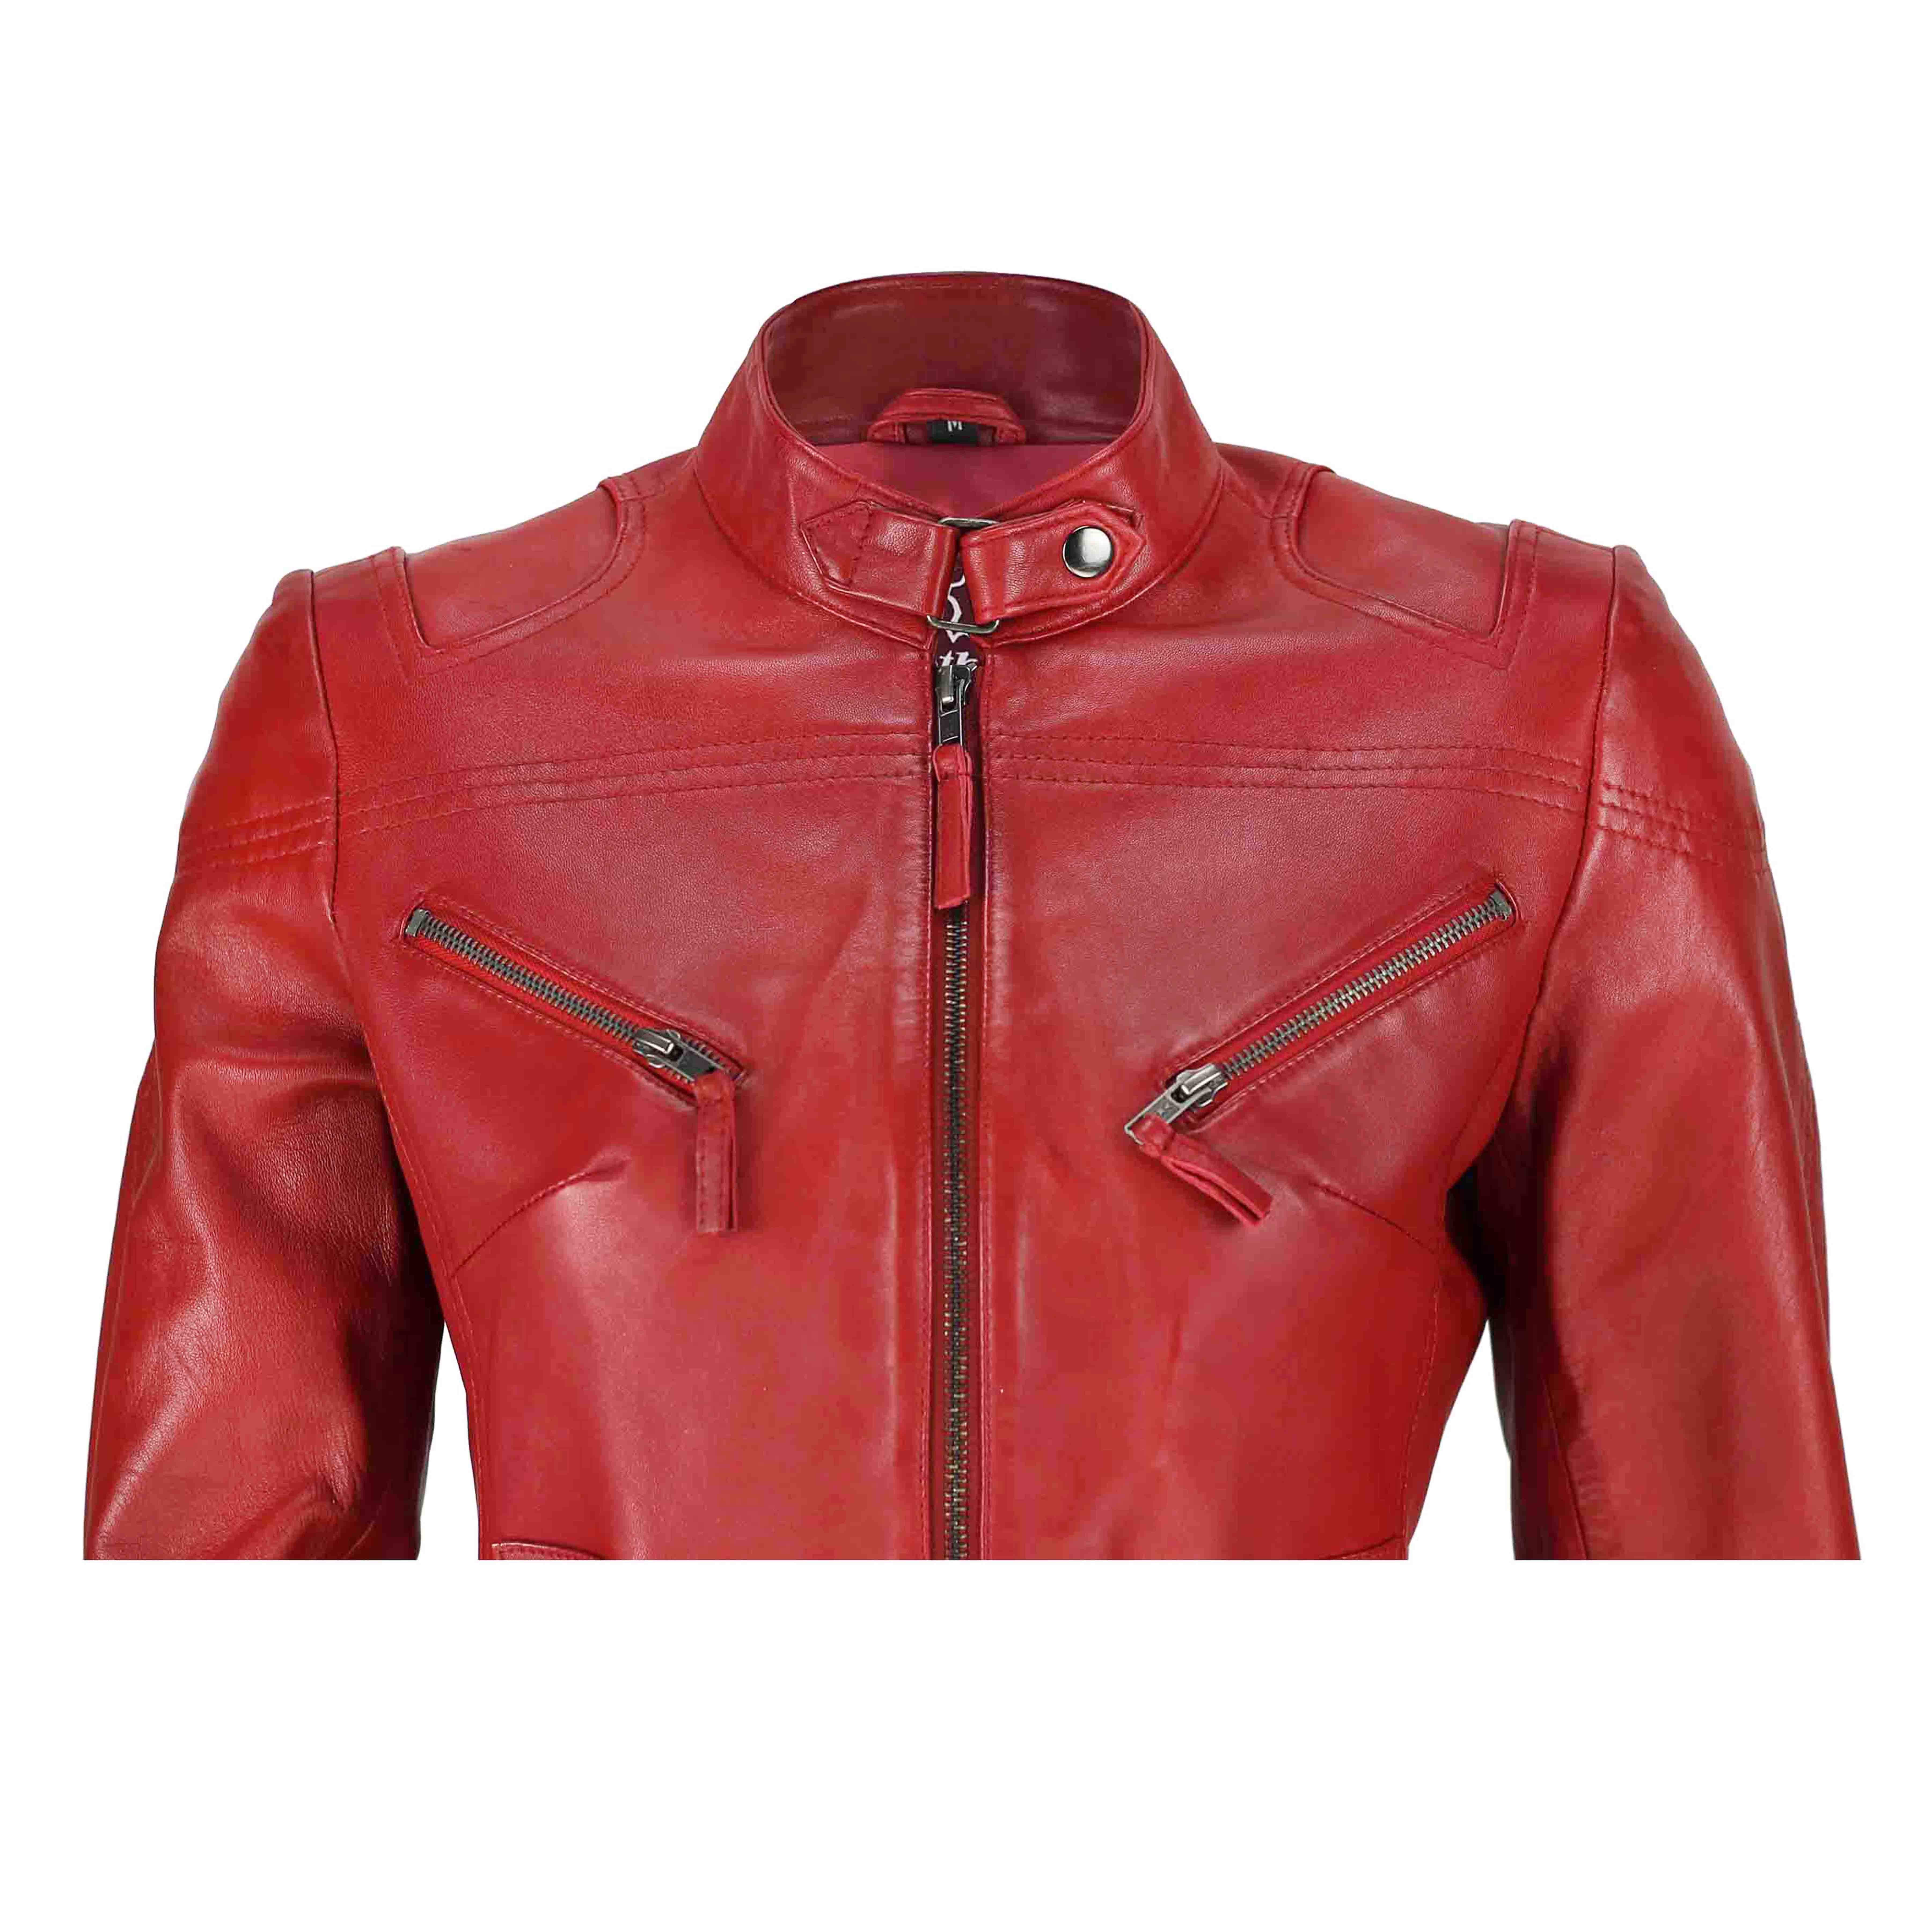 Ladies-Womens-Genuine-Real-Leather-Vintage-Slim-Fit-Red-Brown-Biker-Jacket thumbnail 22